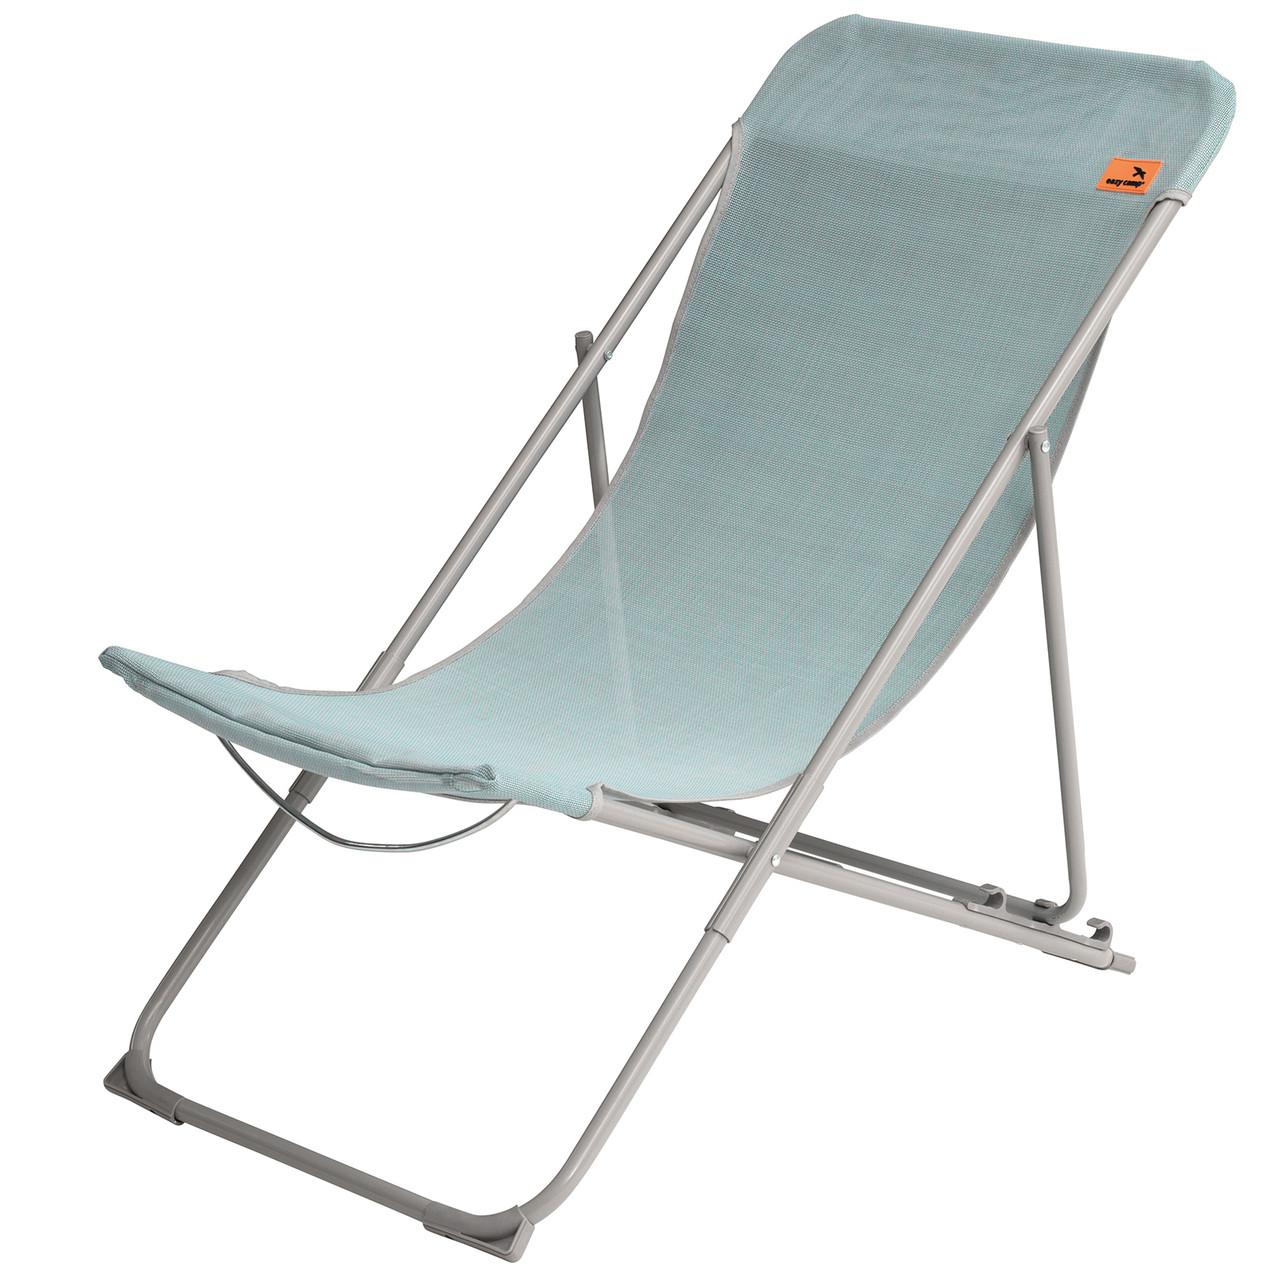 Садовое кресло шезлонг Easy Camp Reef Aqua Blue Стул раскладной для дачи